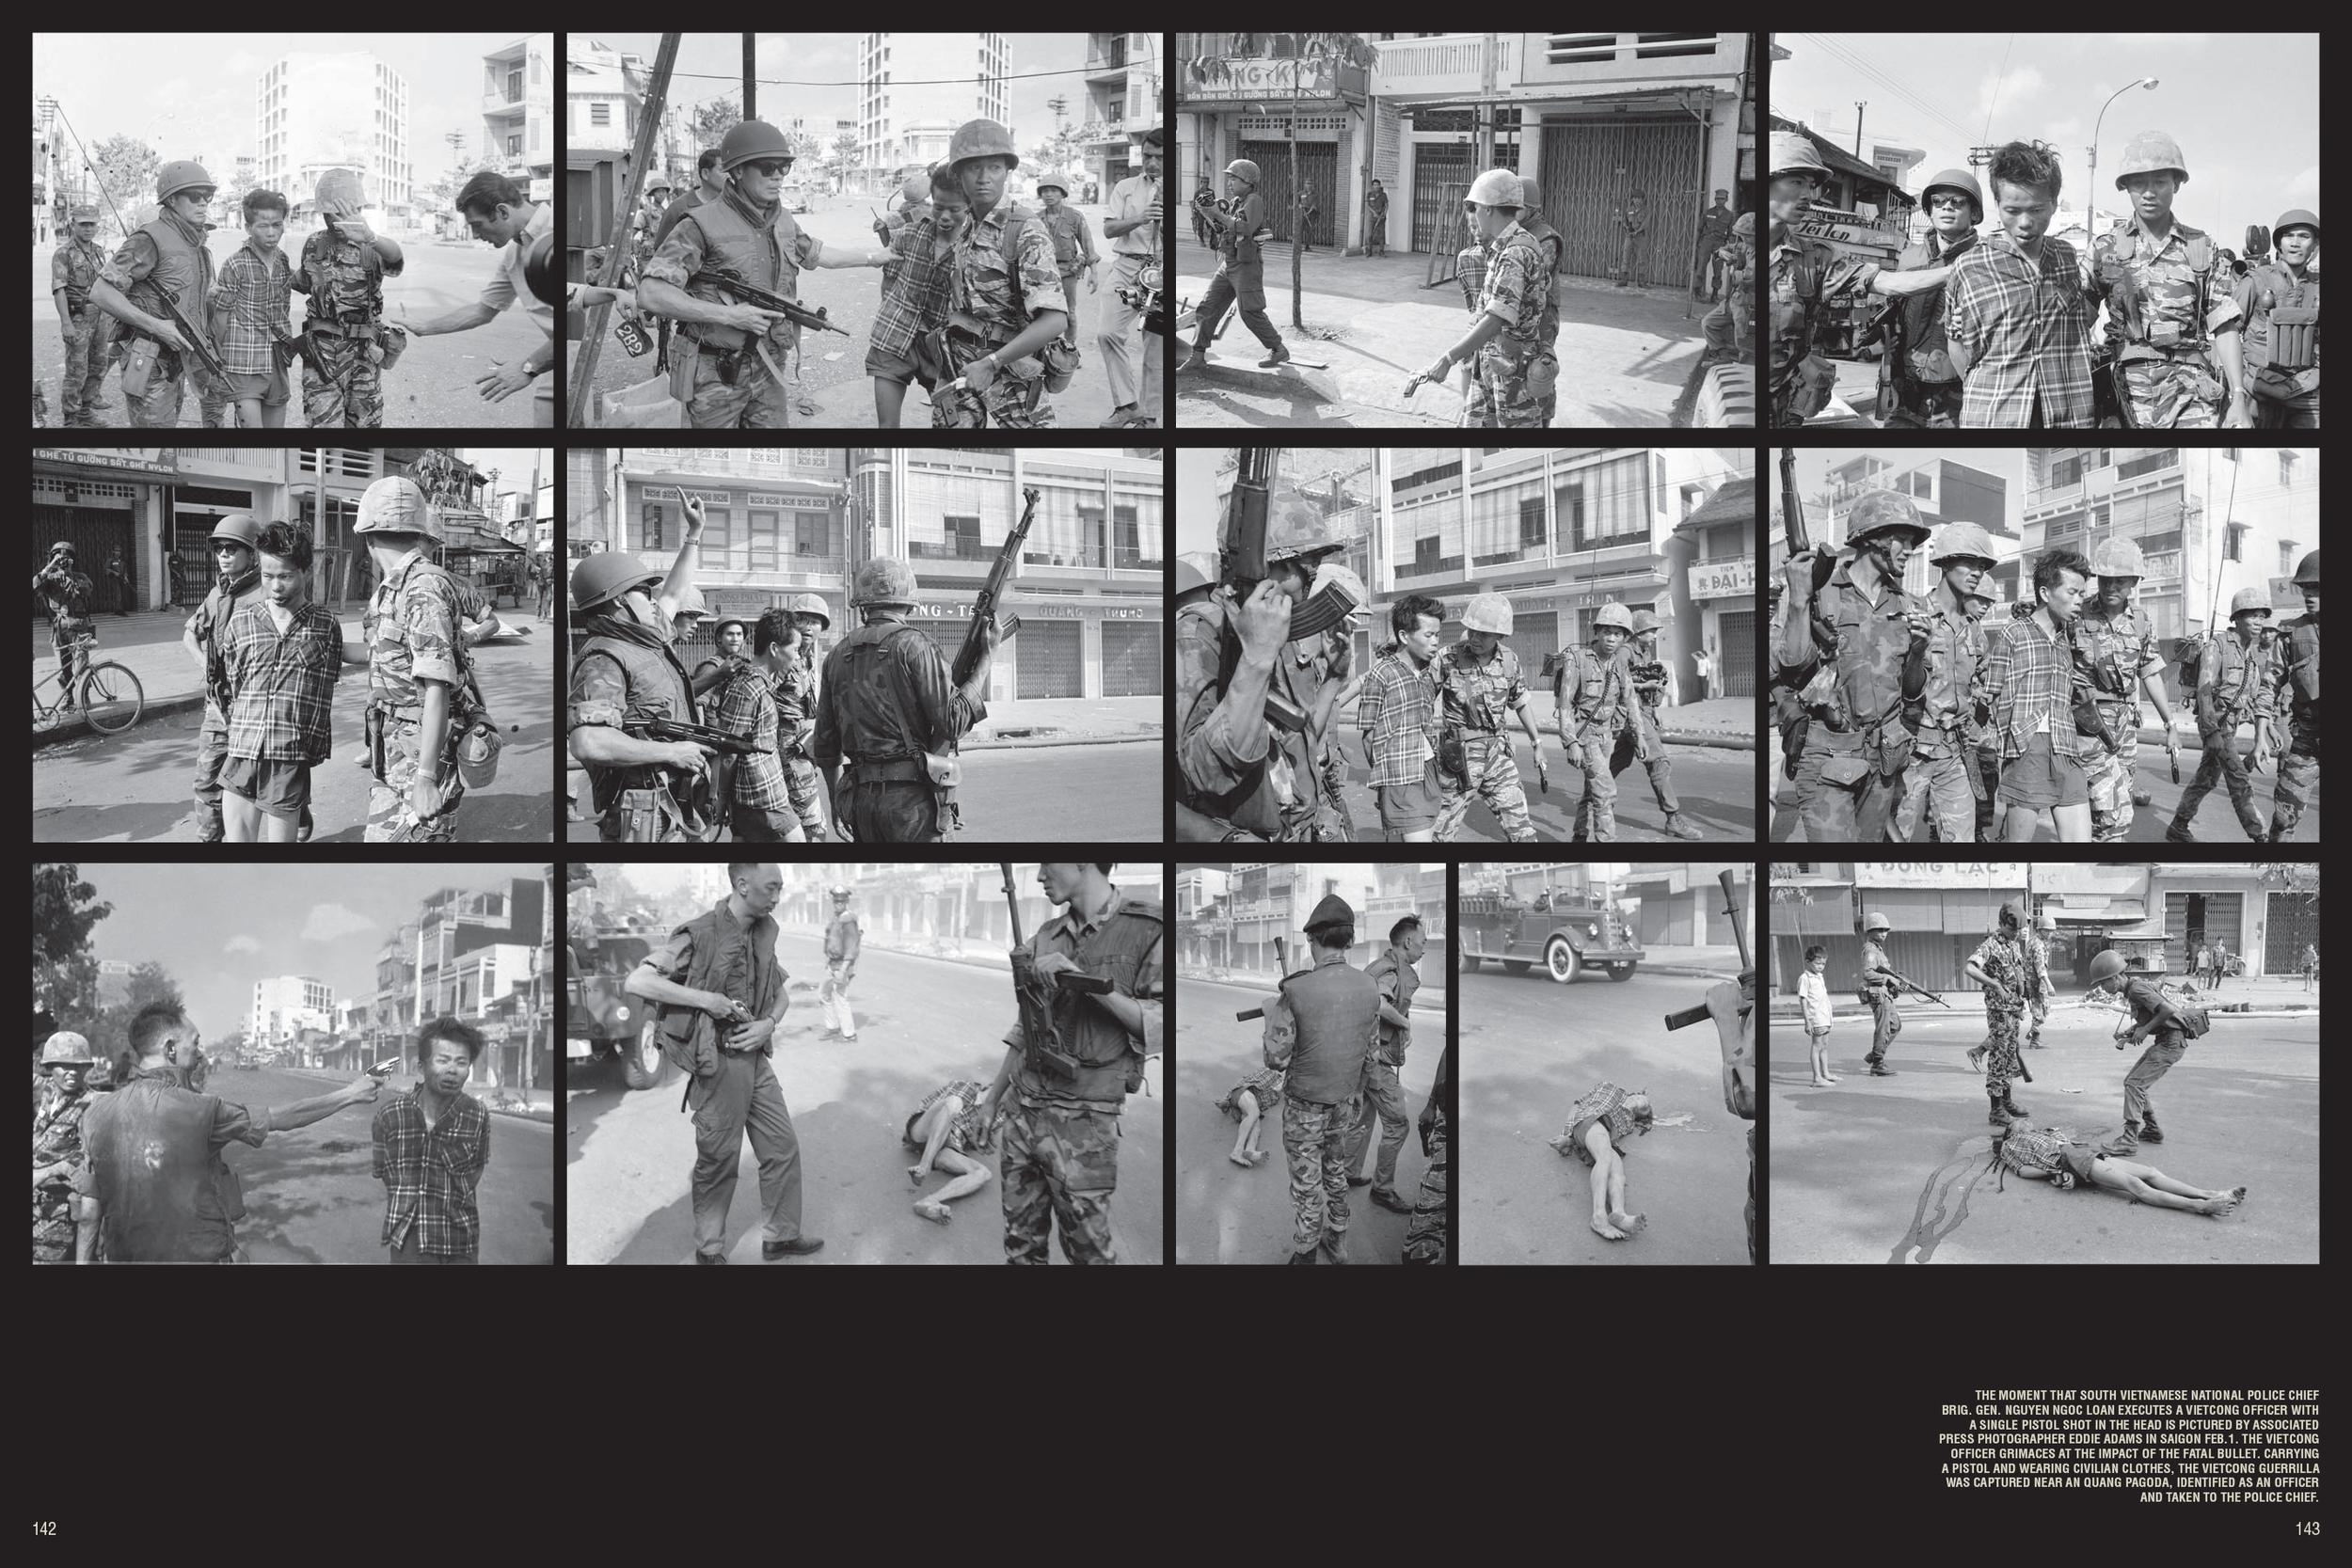 EDDIEADAMS-VIETNAM-FINAL-73.jpg